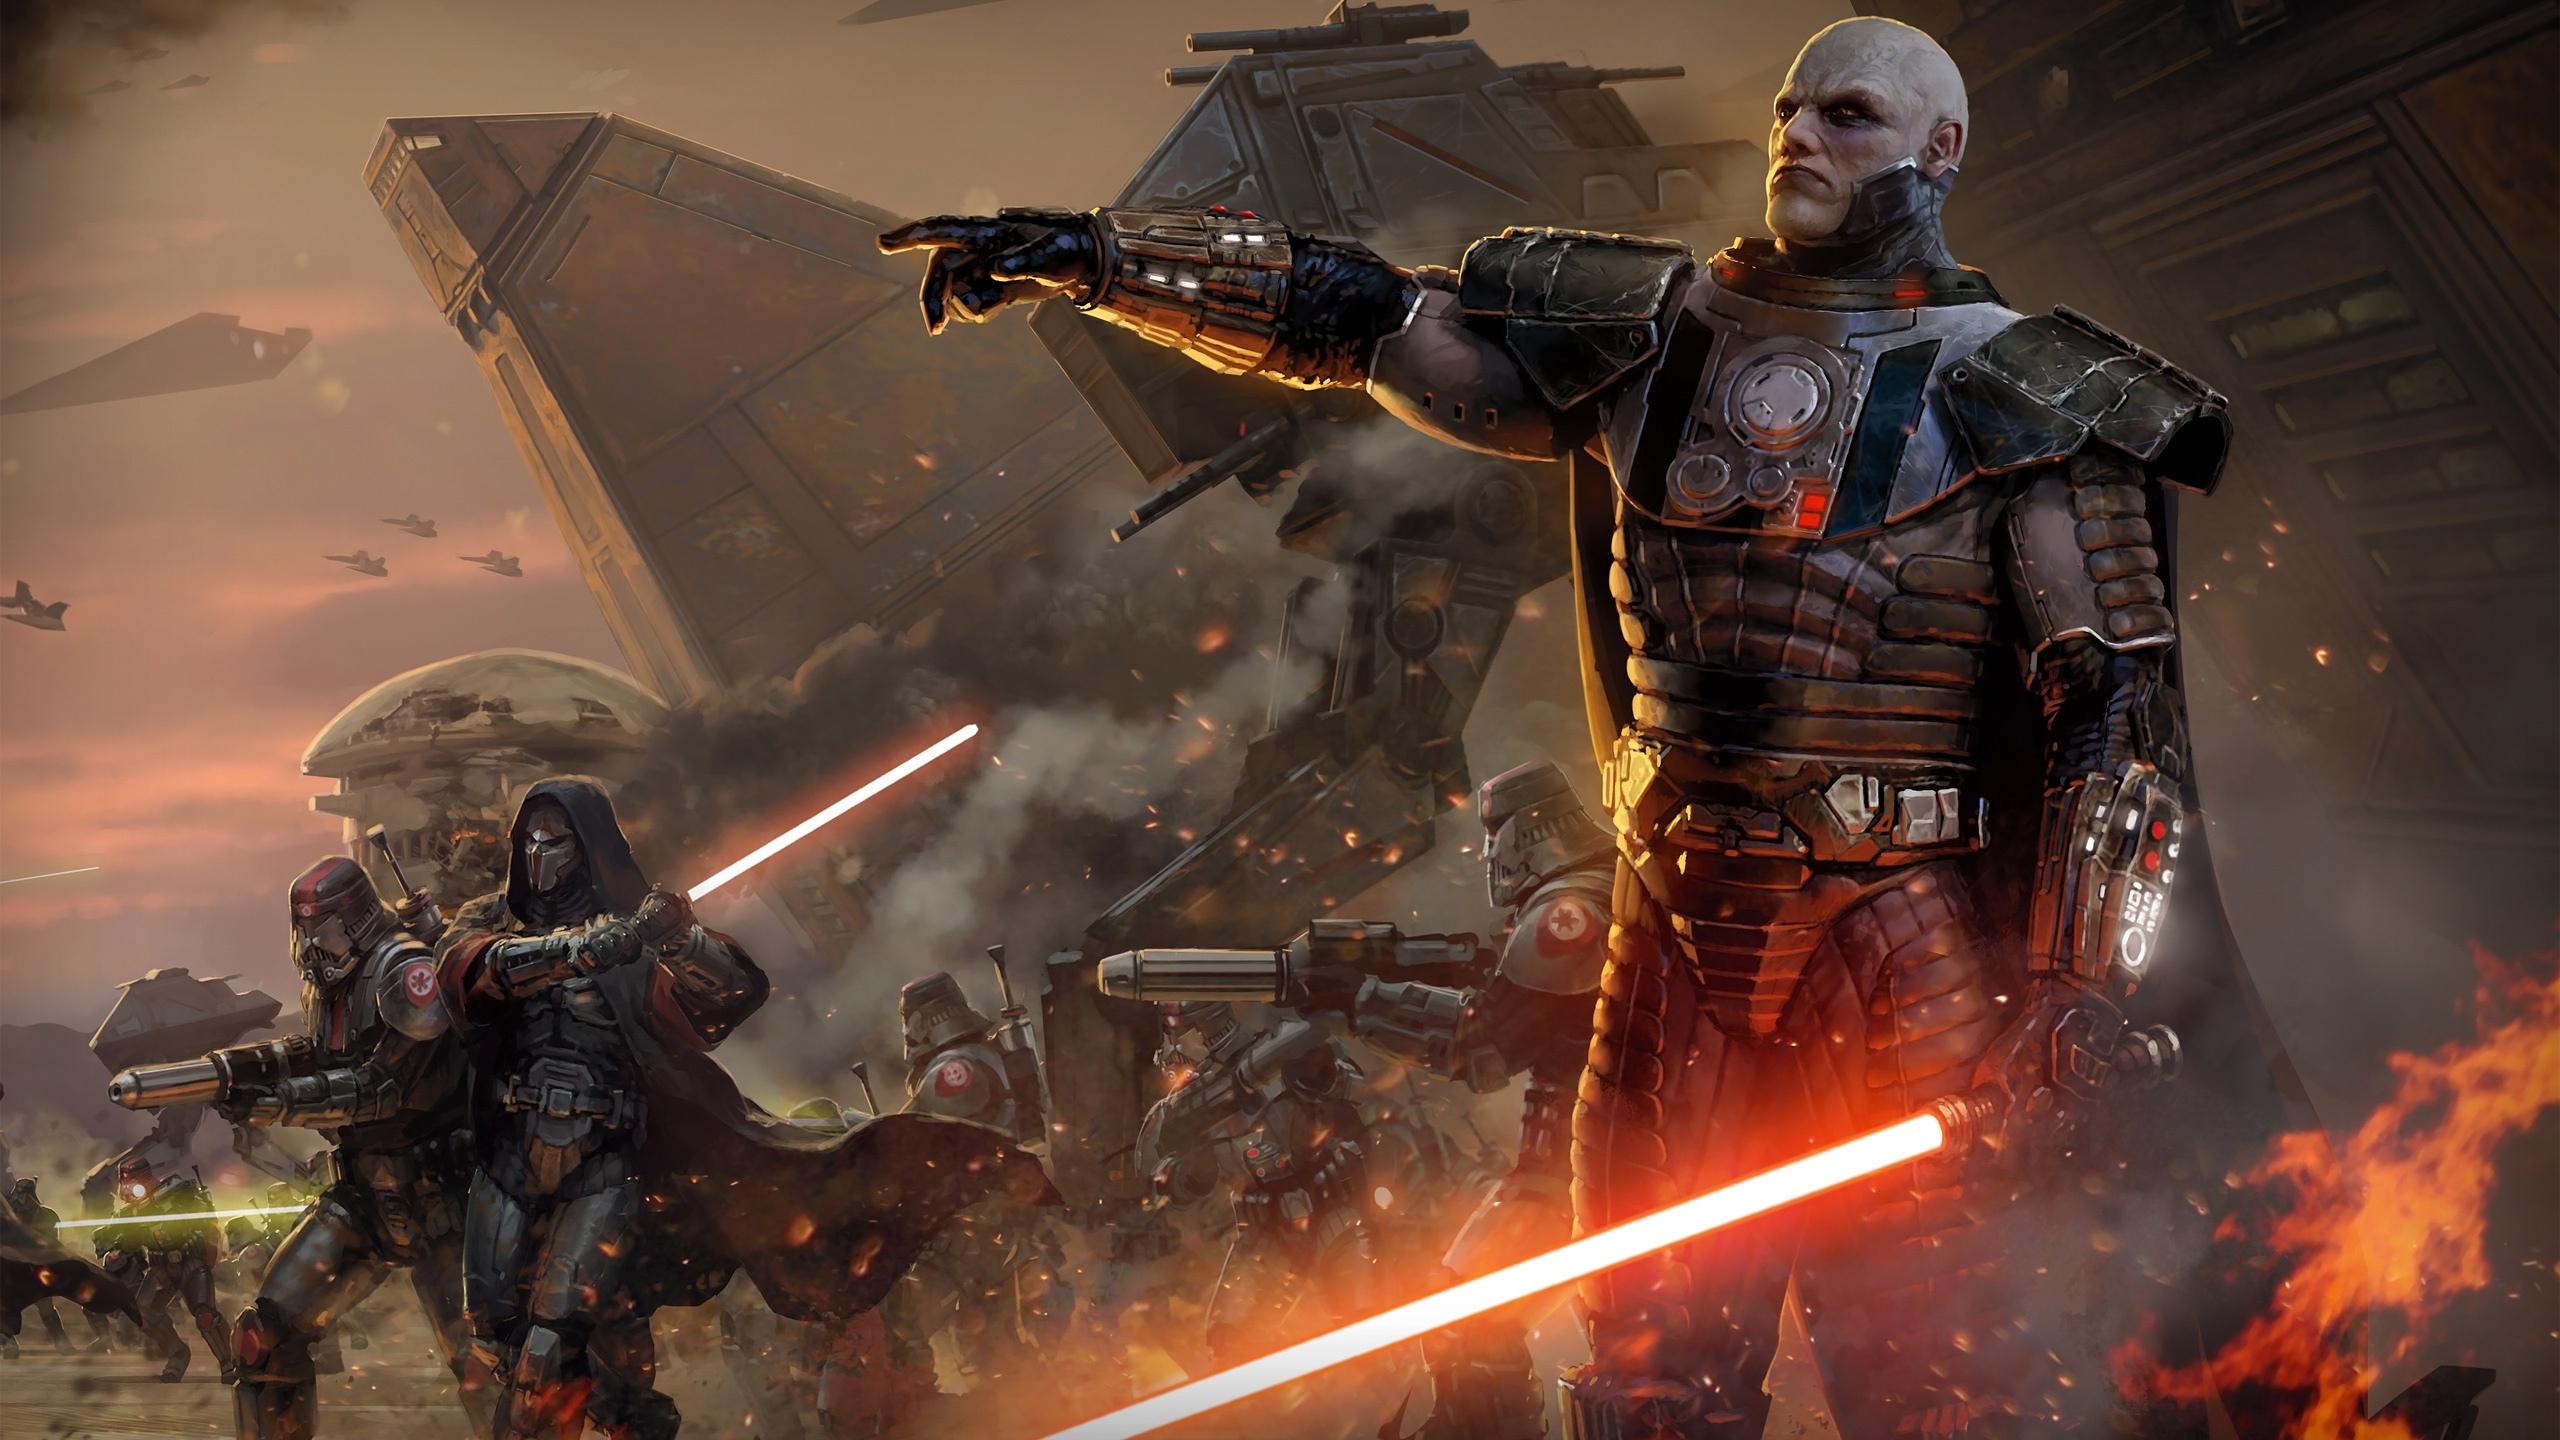 Rýsuje se filmová trilogie na motivy Star Wars: Knights of the Old Republic